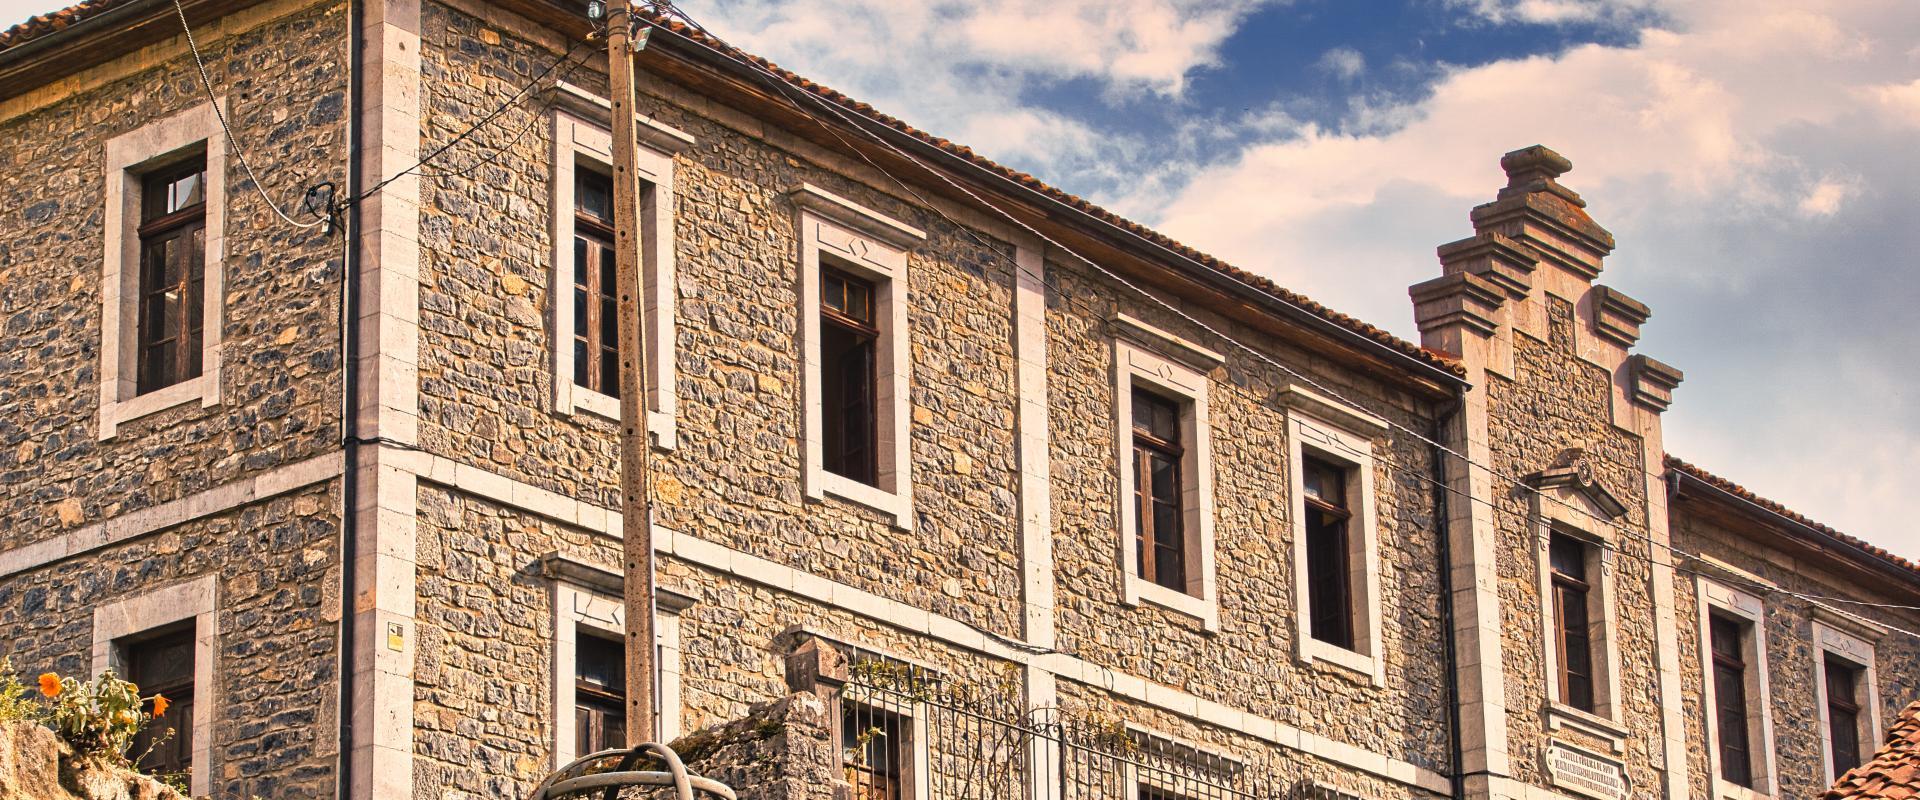 ESCUELA MUSEO FELIX MARTINO (TURISMO MONTAÑA RIAÑO)